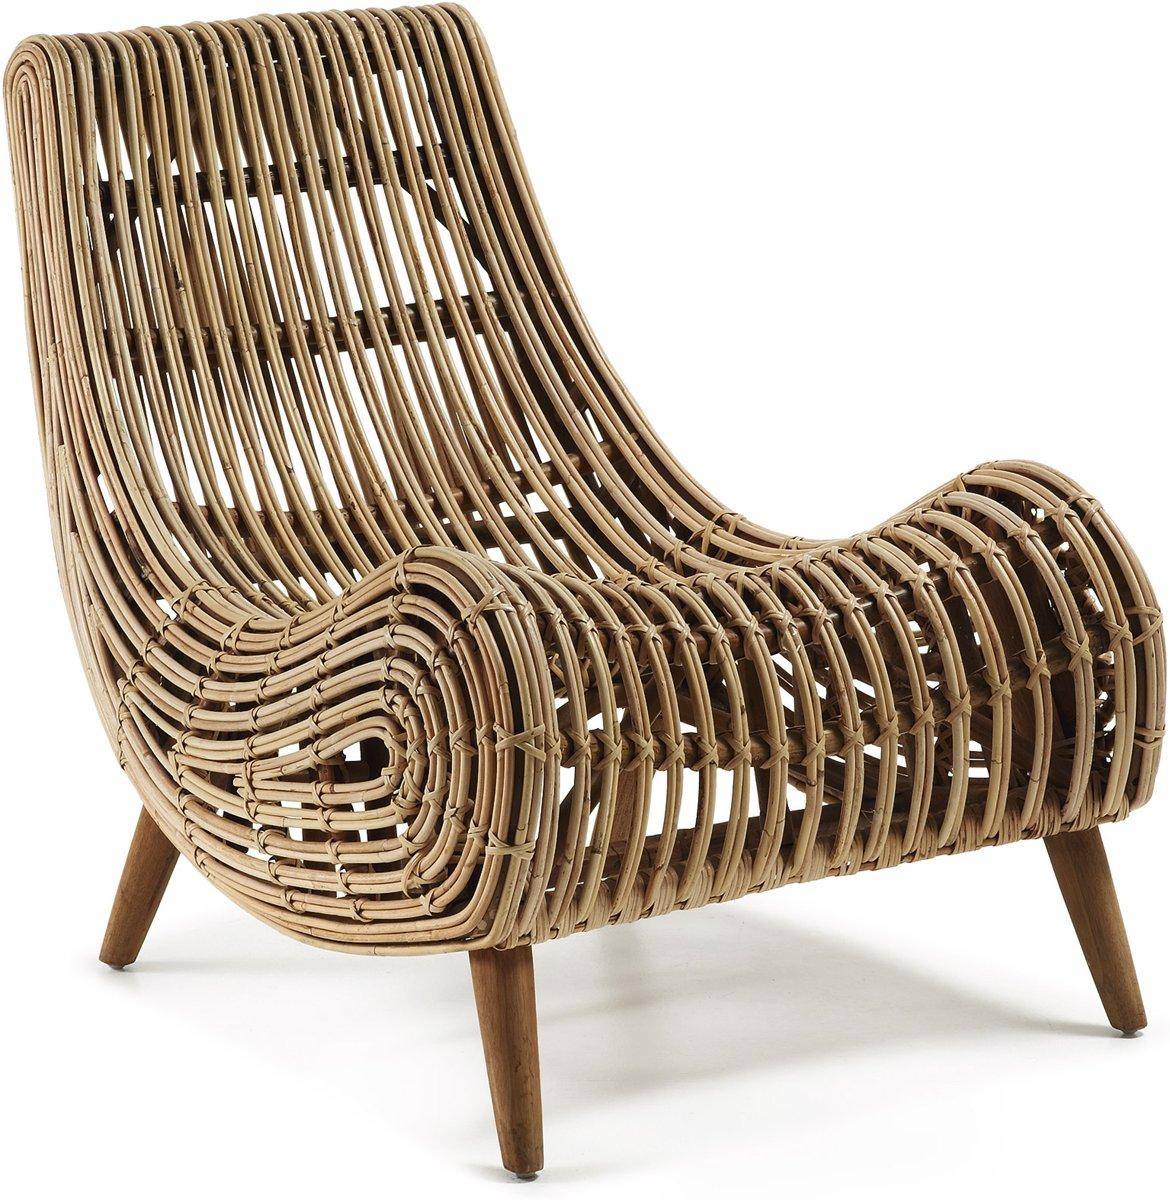 Te Koop Relaxstoel.Bol Com Bruine Fauteuil Kopen Alle Bruine Fauteuils Online